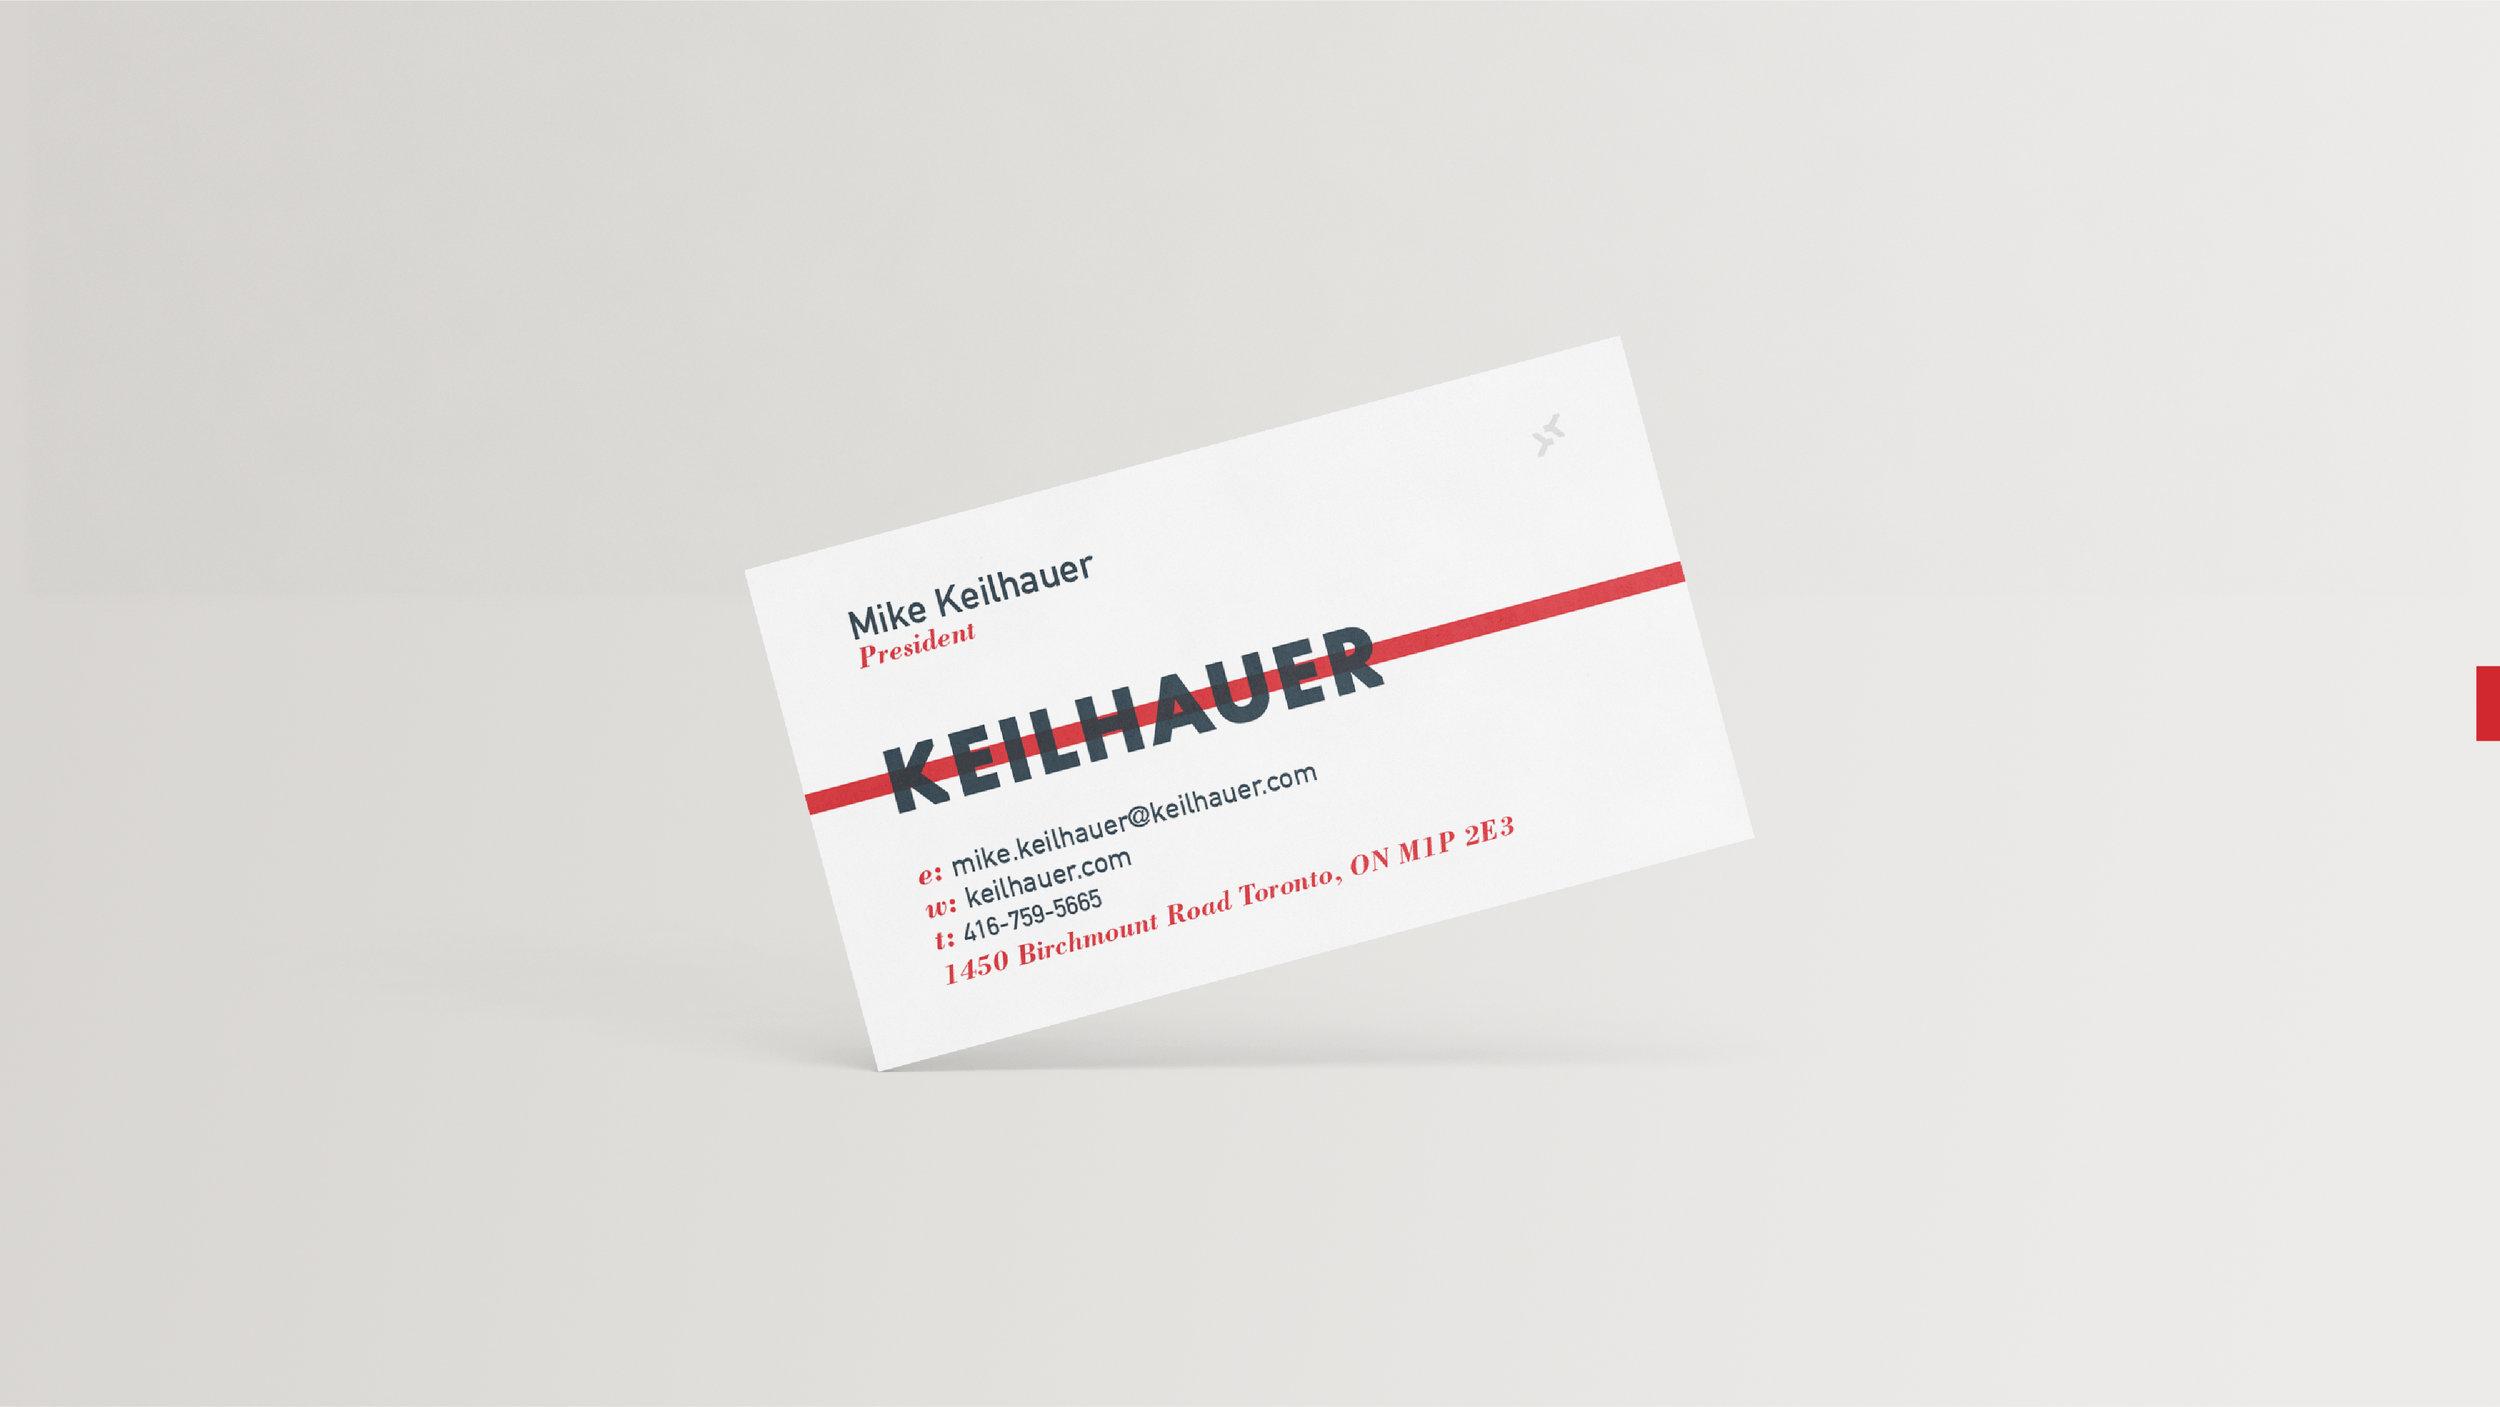 Keilhauer-03.jpg